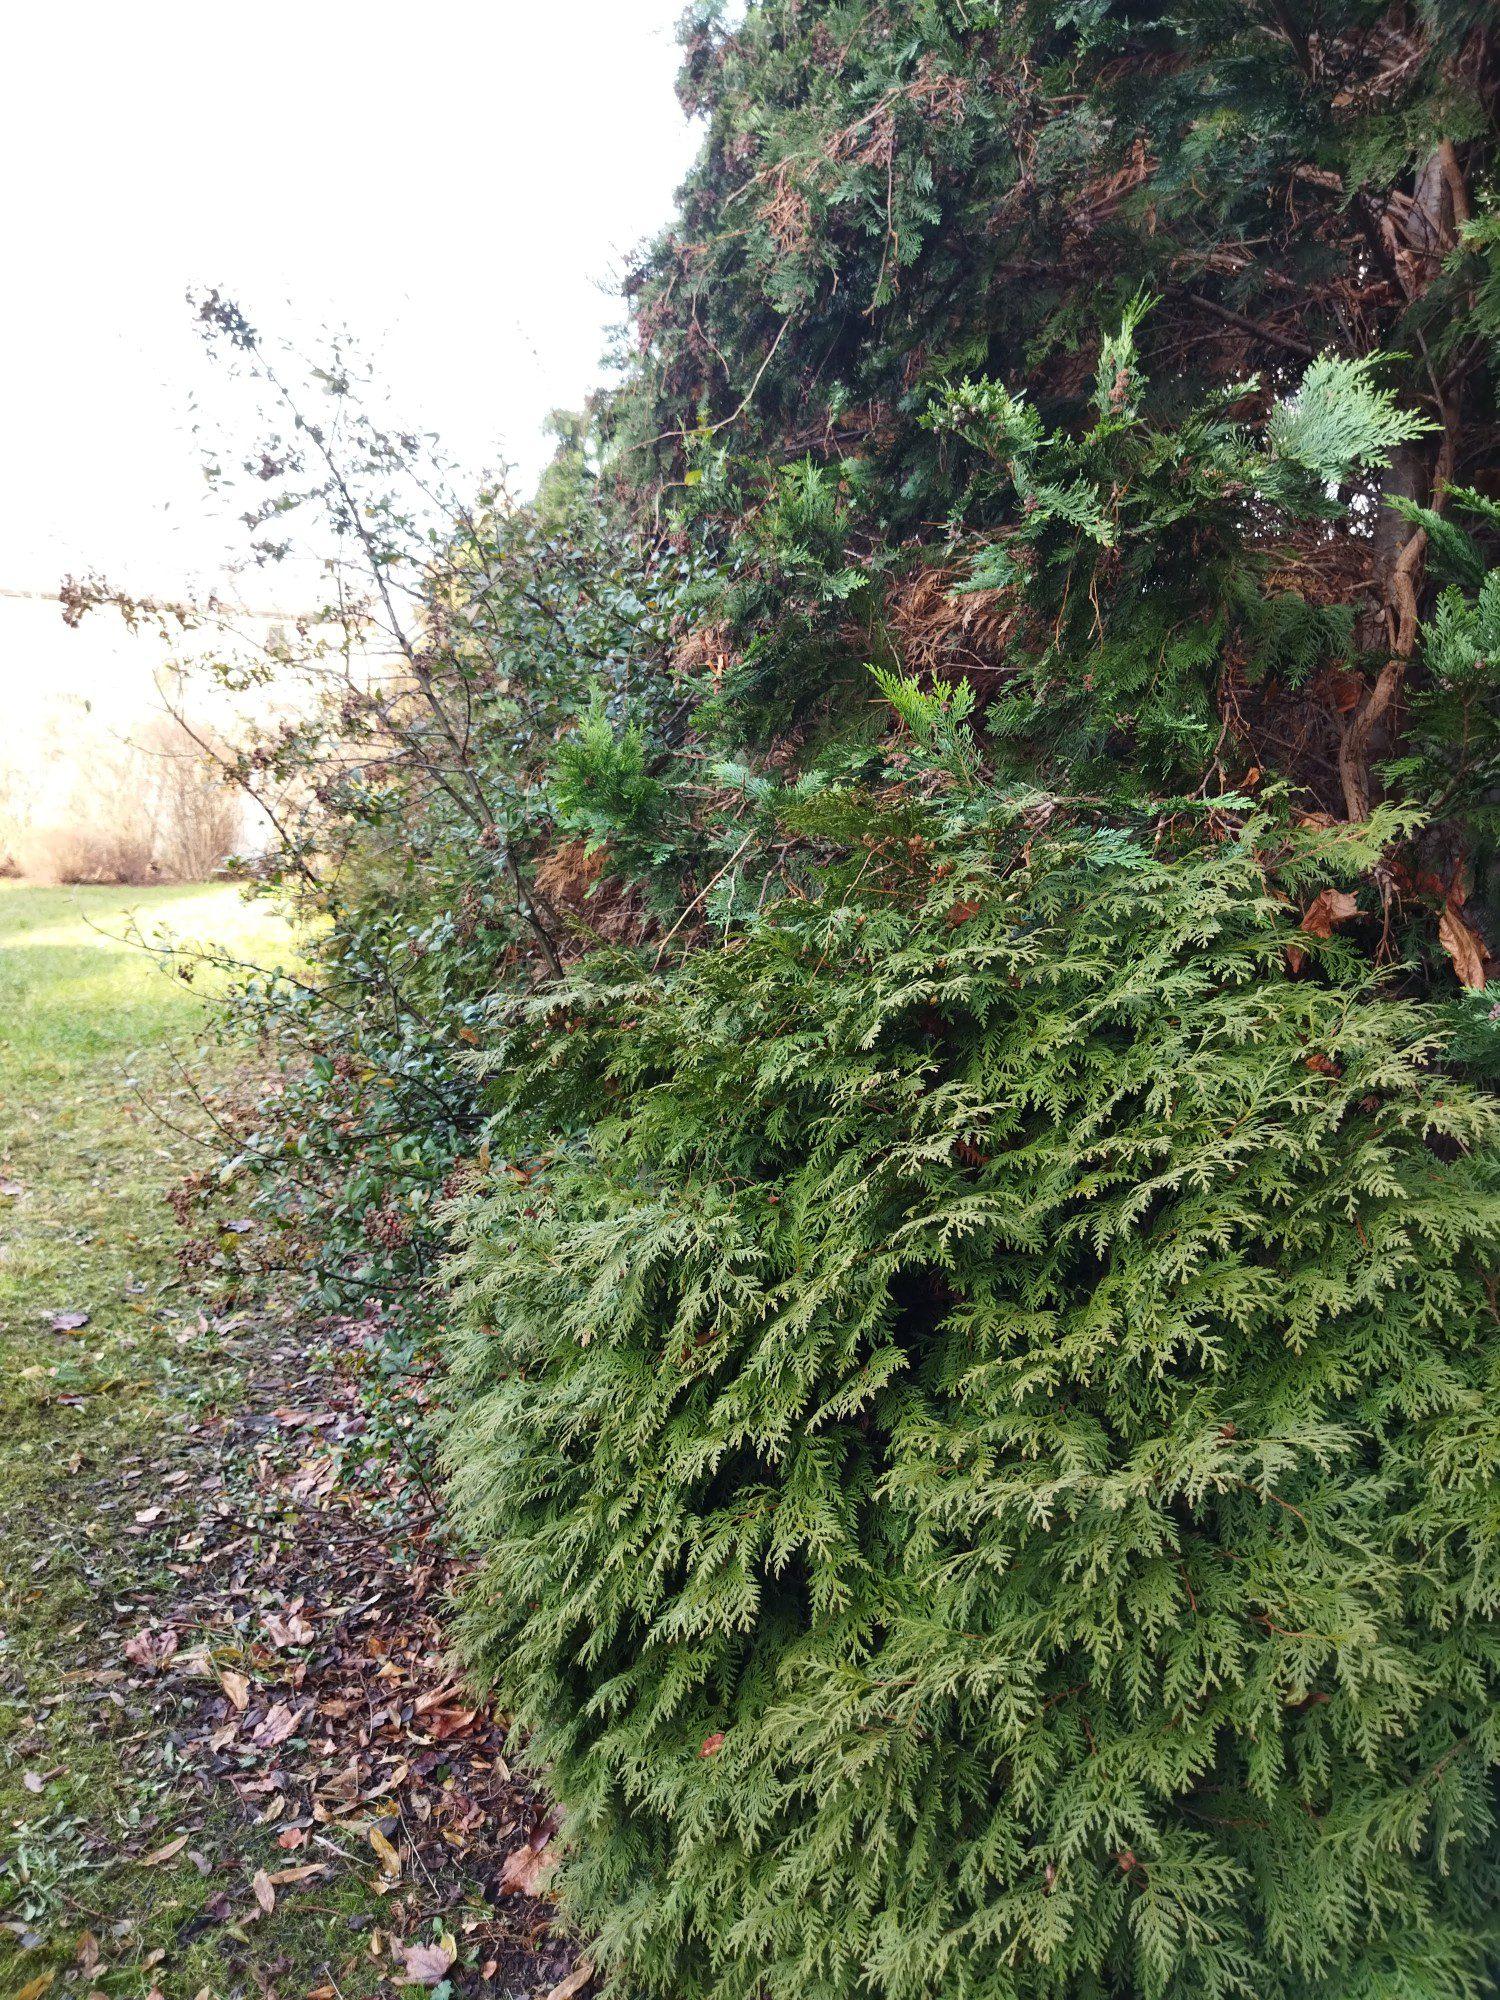 zieleń zdjęcie standardowe poco m3